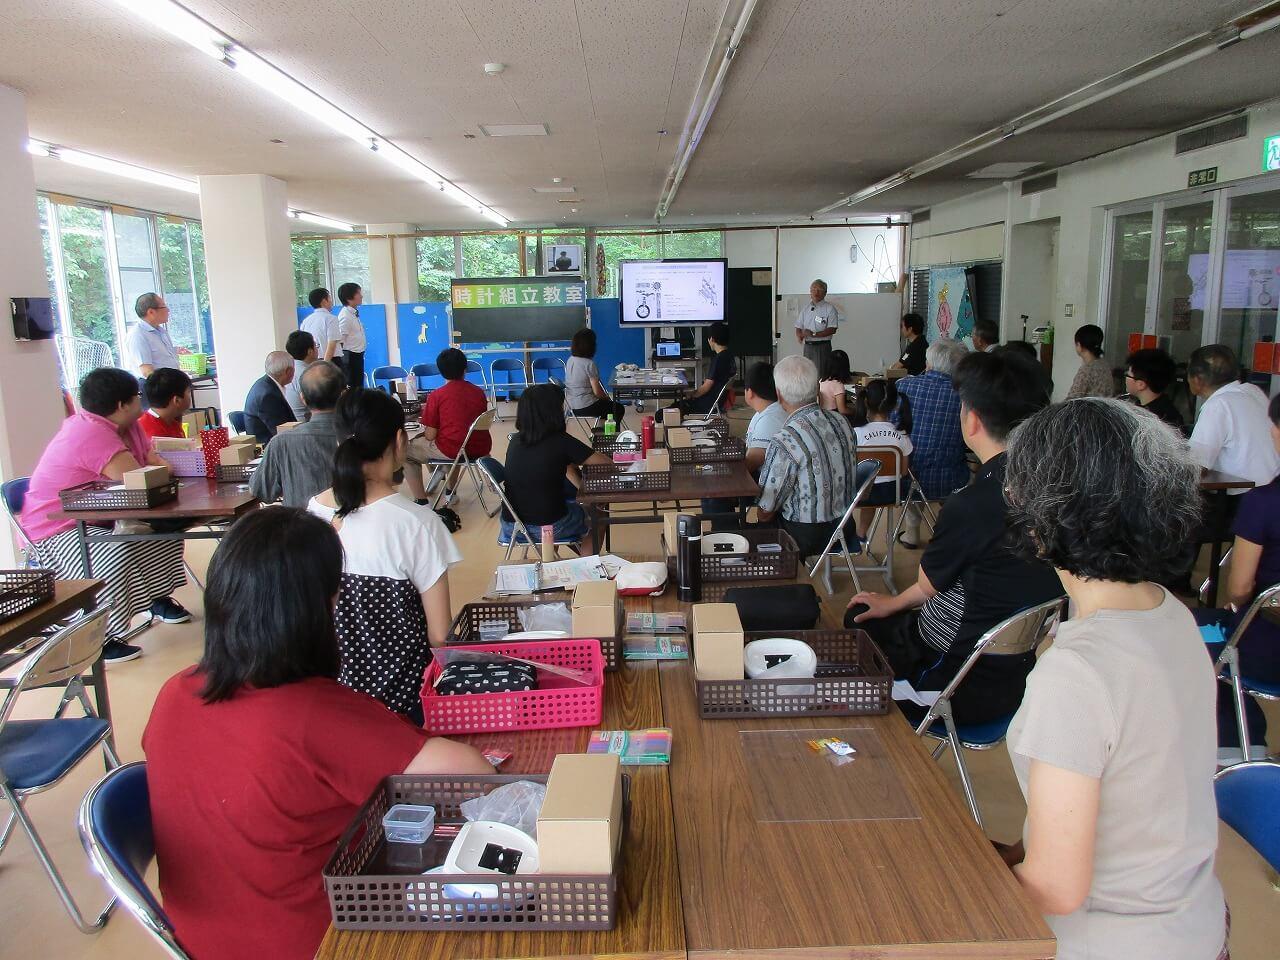 一社)日本時計協会 東日本被災地復興支援「時計組立教室」への参加 ...